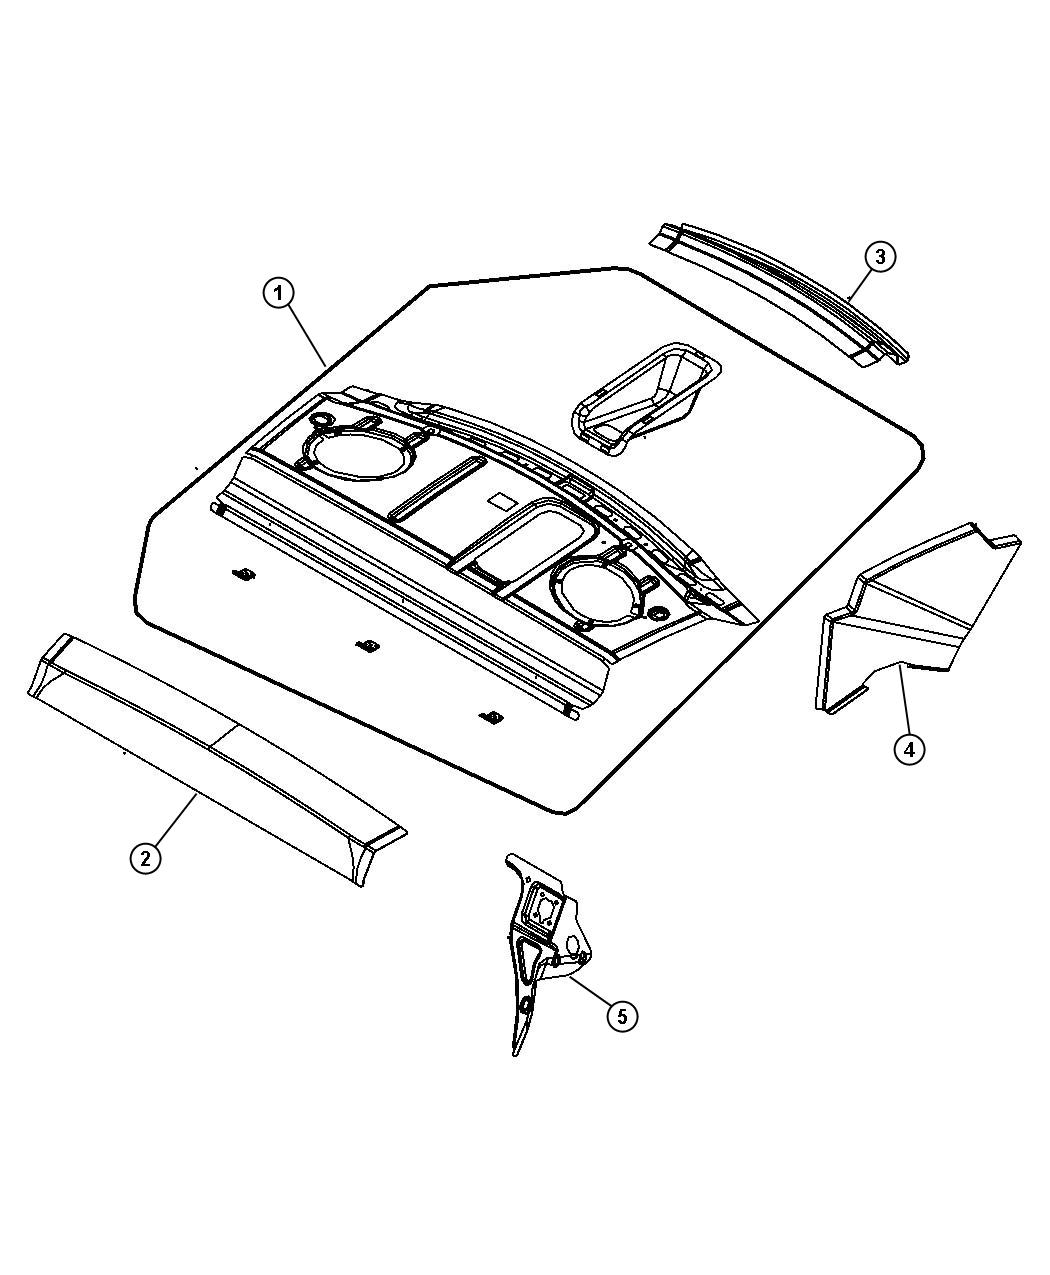 2010 chrysler sebring panel  shelf  rear  body